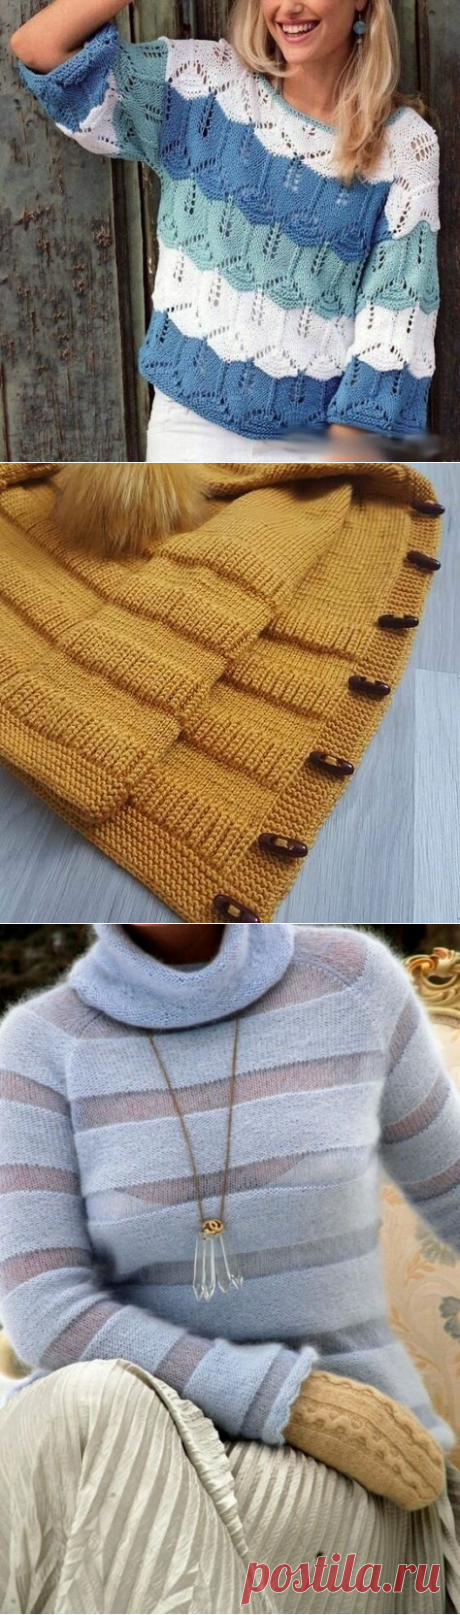 Полосы бывают разные. Вязание спицами. | Марусино рукоделие | Яндекс Дзен